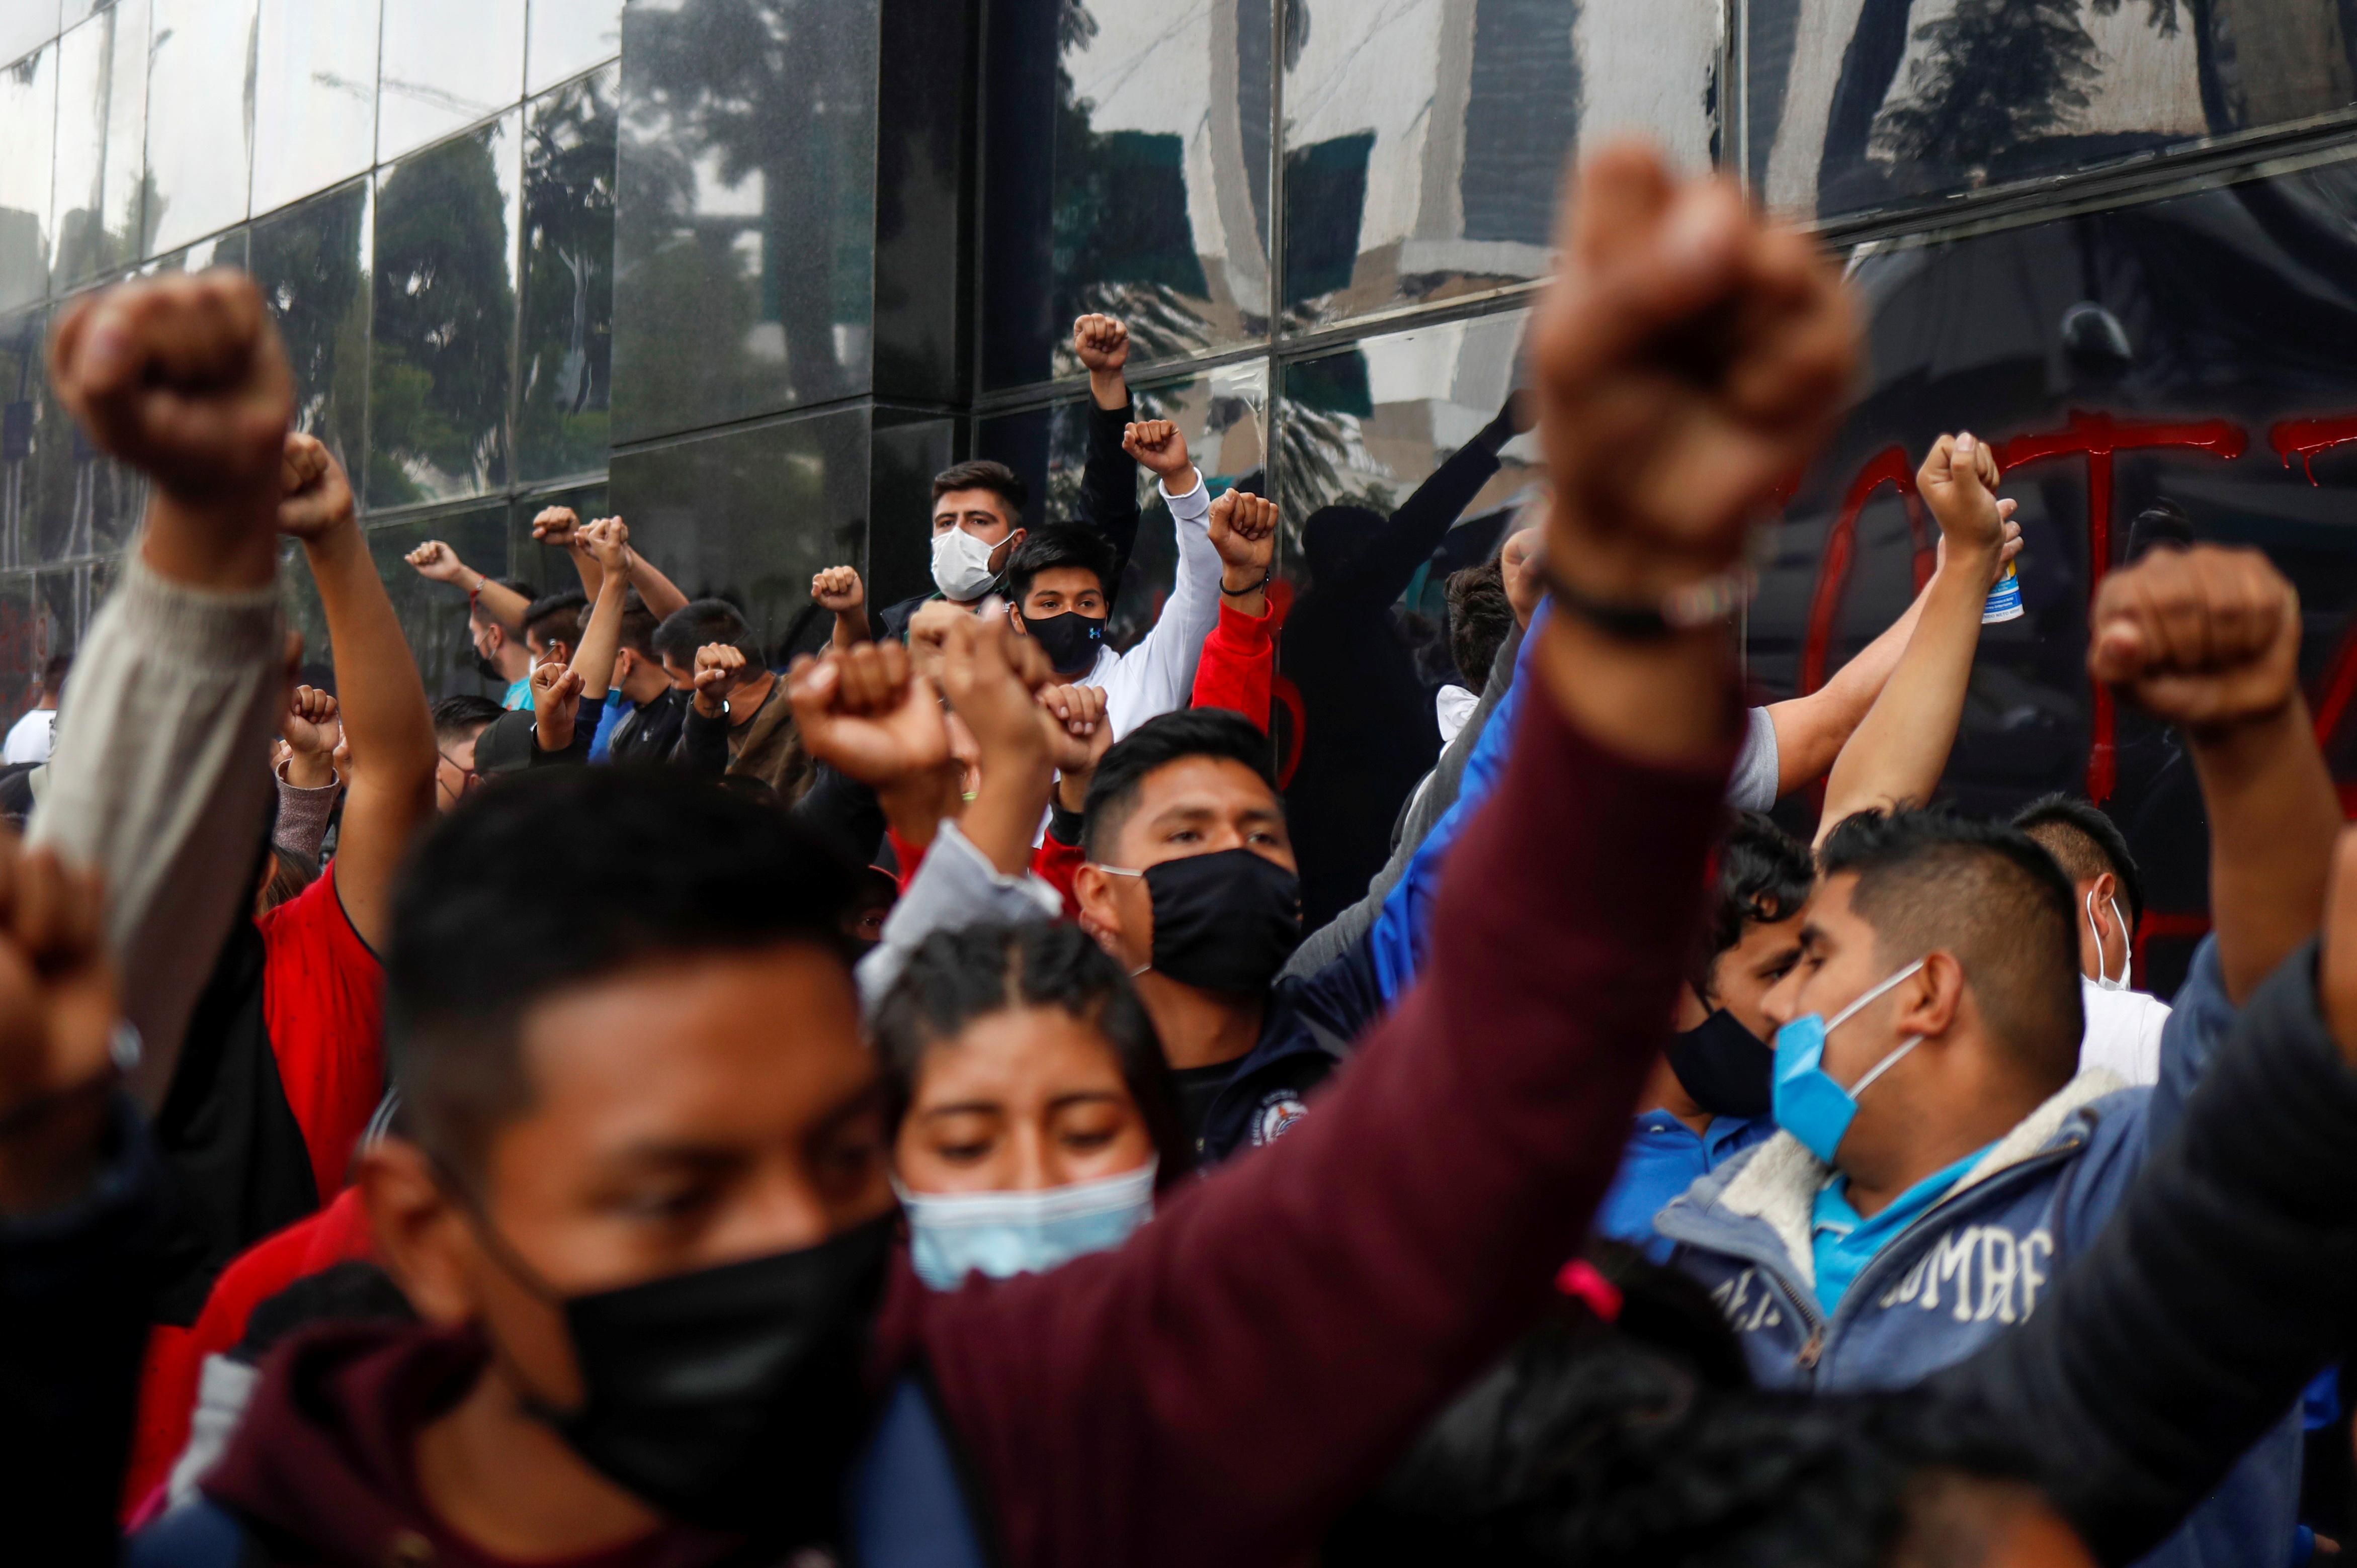 Estudiantes de la Escuela Normal Rural de Ayotzinapa levantan los puños durante una protesta frente a la Fiscalía General antes del sexto aniversario de la desaparición de 43 estudiantes, en la Ciudad de México, México, 25 de septiembre de 2020.